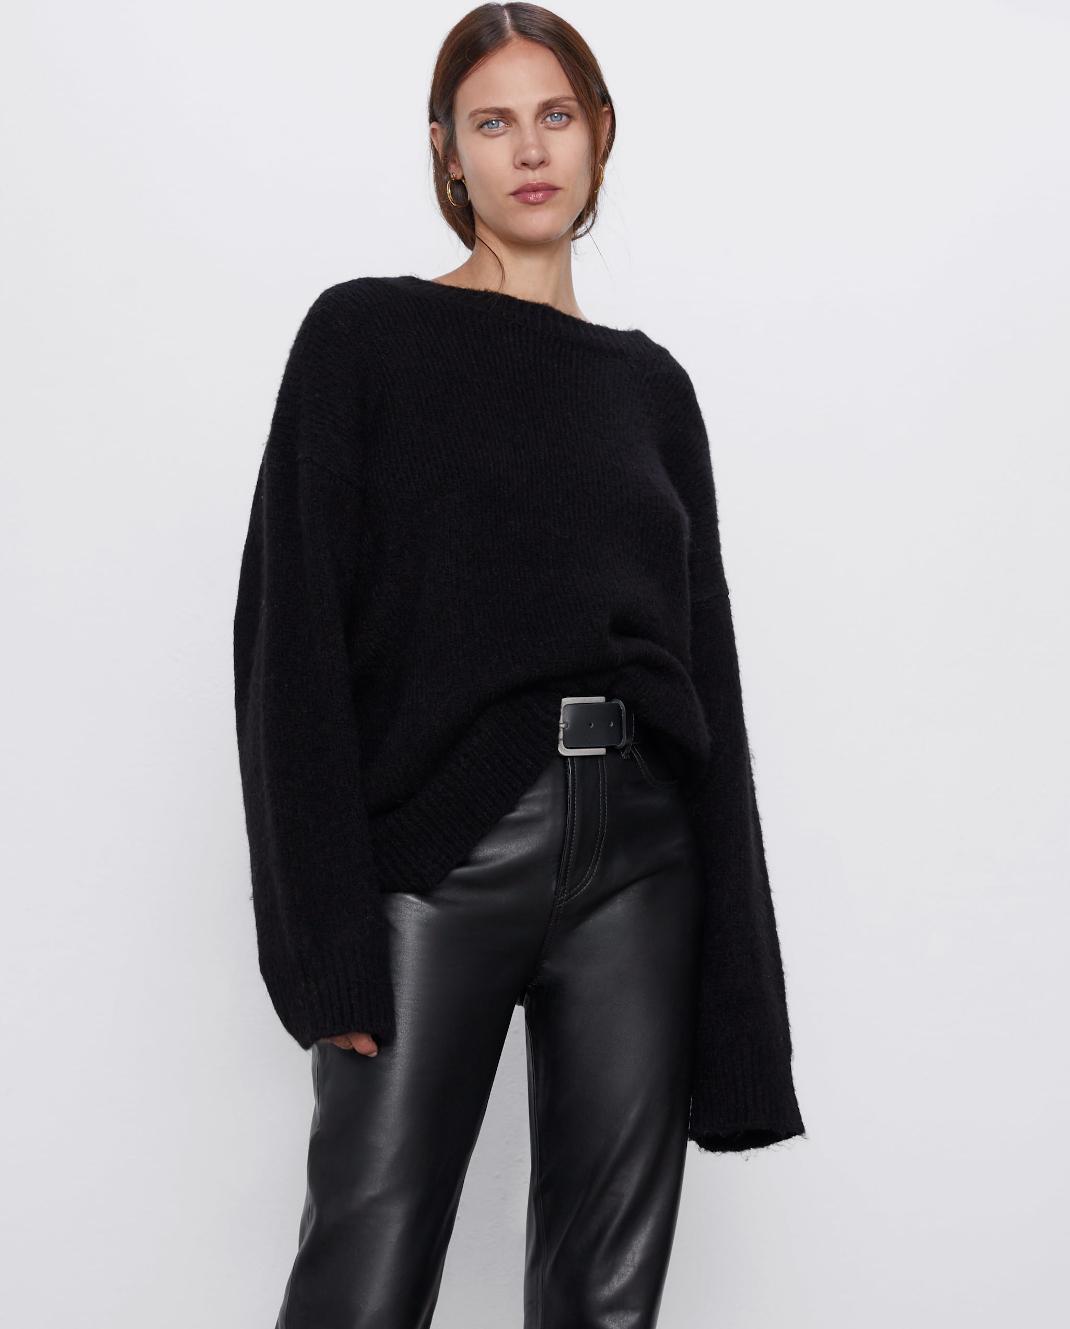 μοντέλο με πουλόβερ Zara